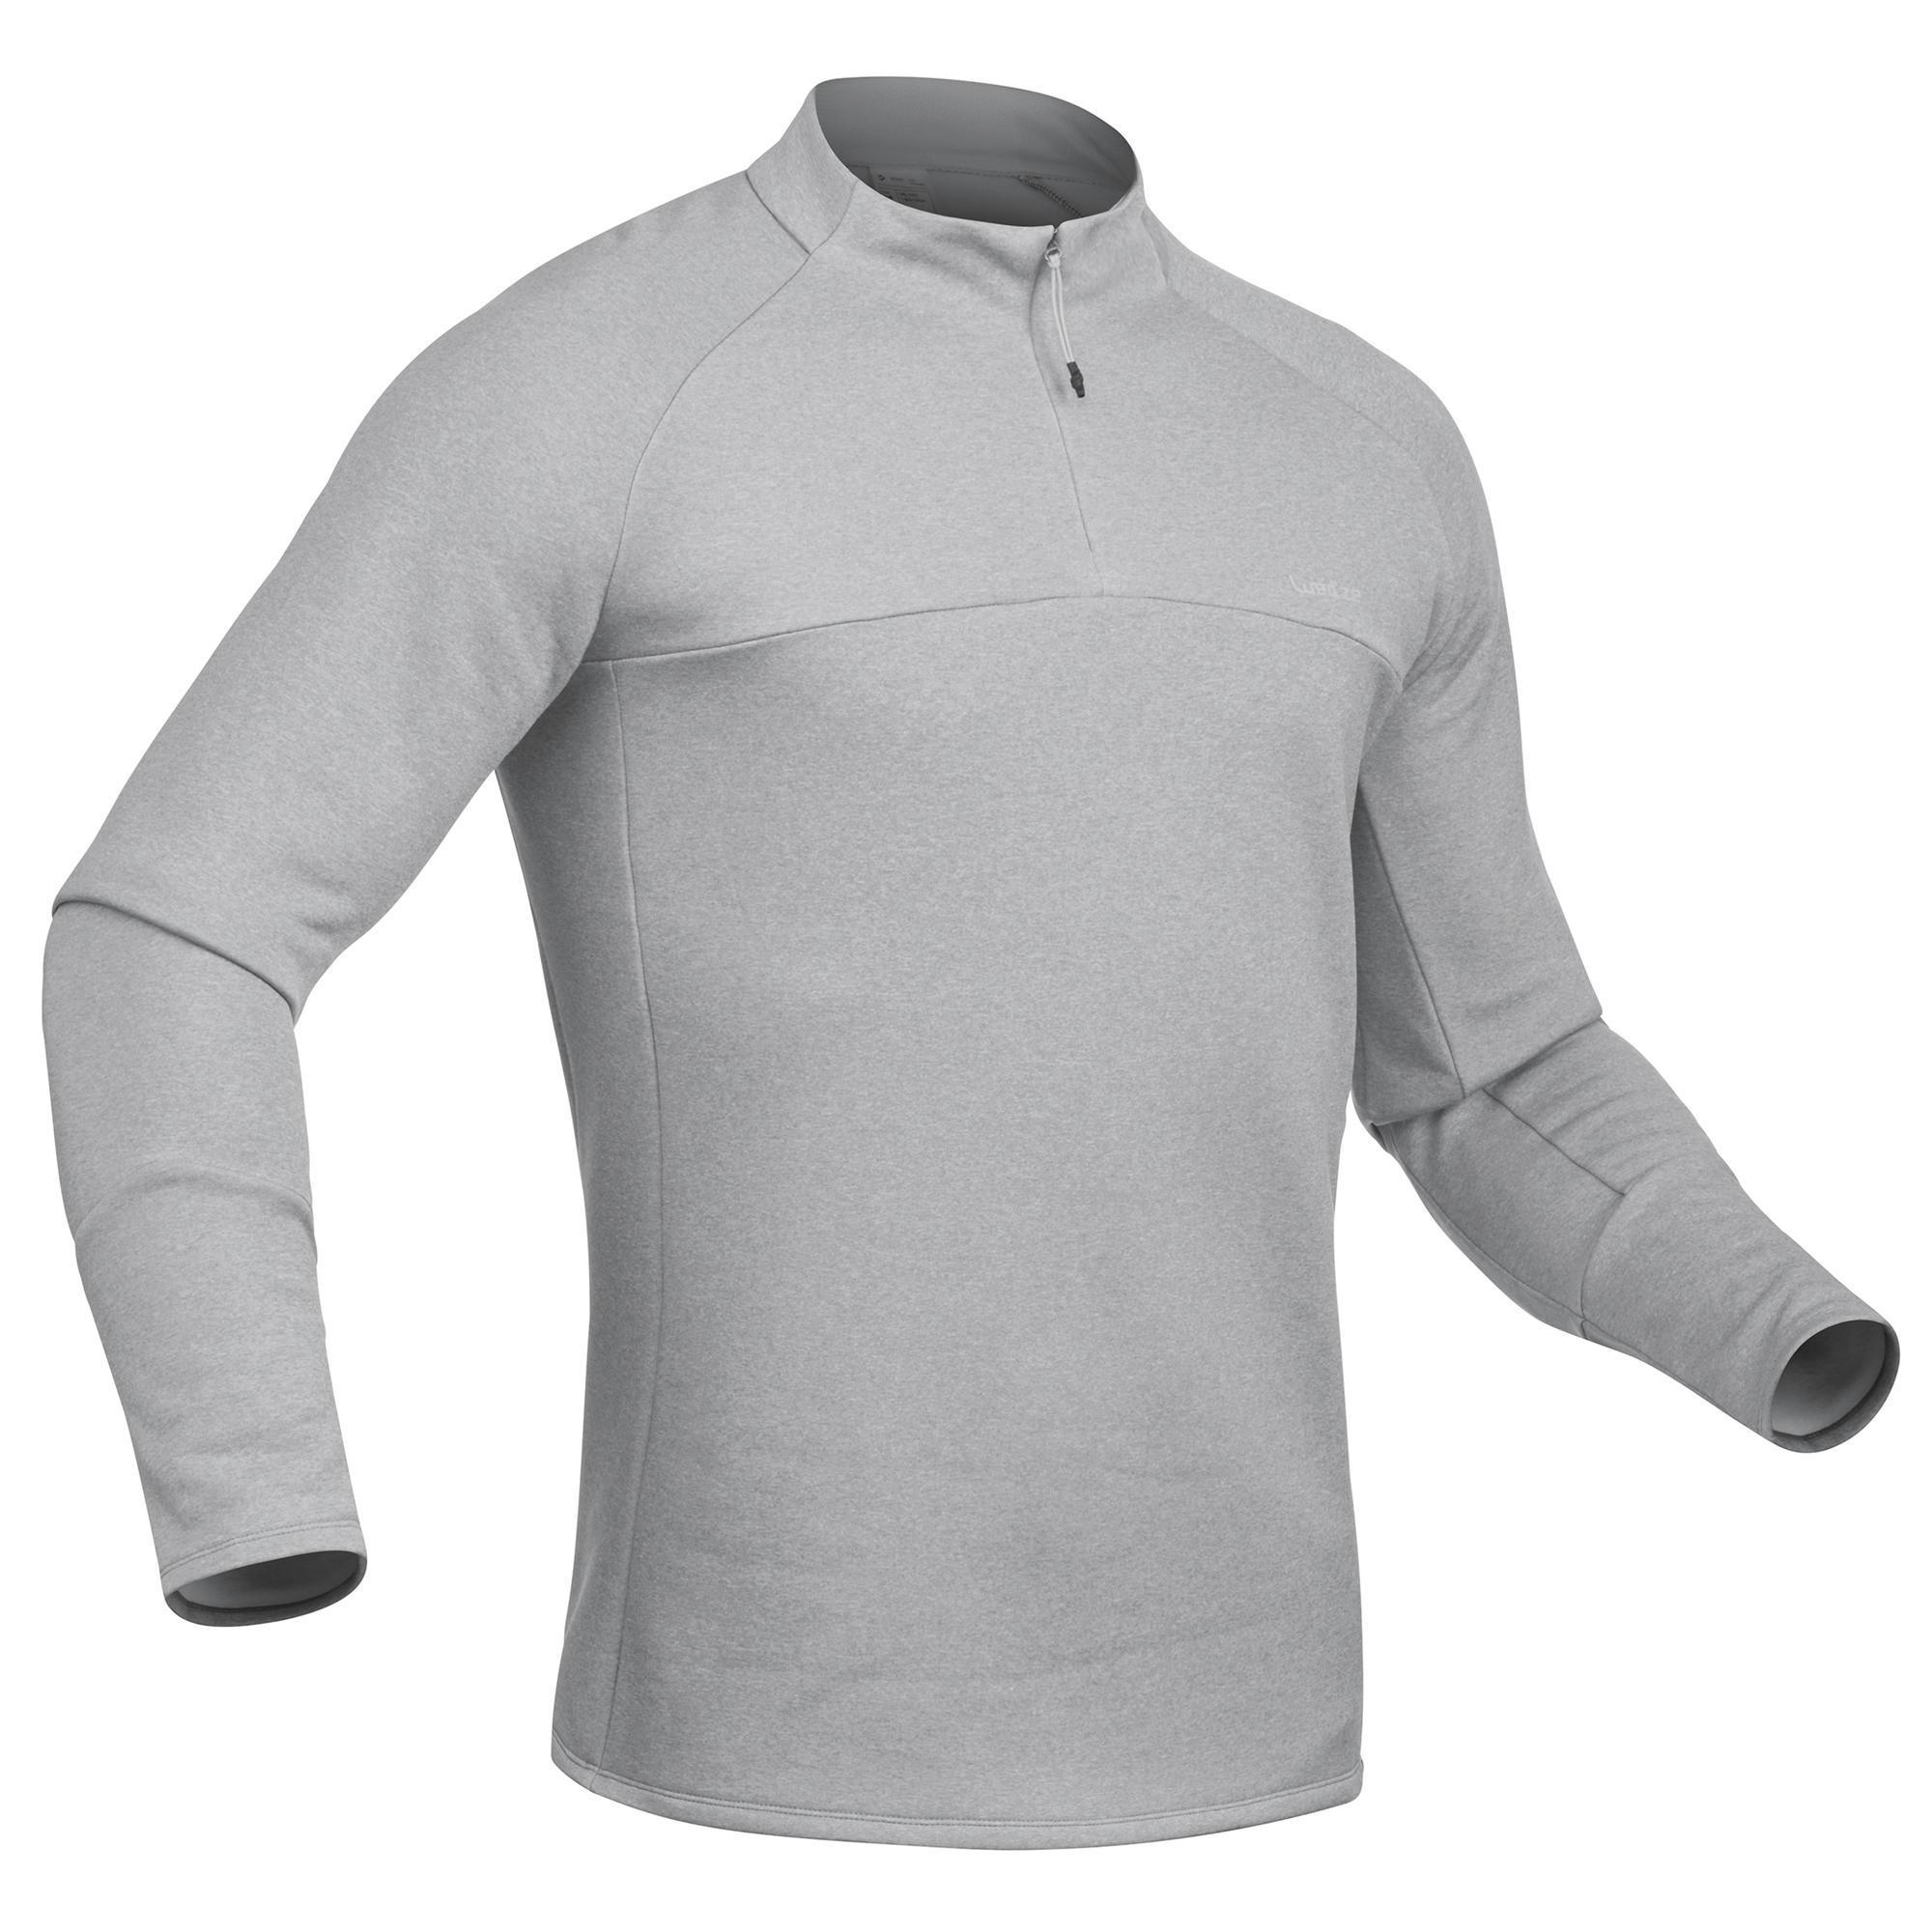 Skiunterhemd MD 500 Herren grau | Sportbekleidung > Funktionswäsche | Grau | Wed´ze